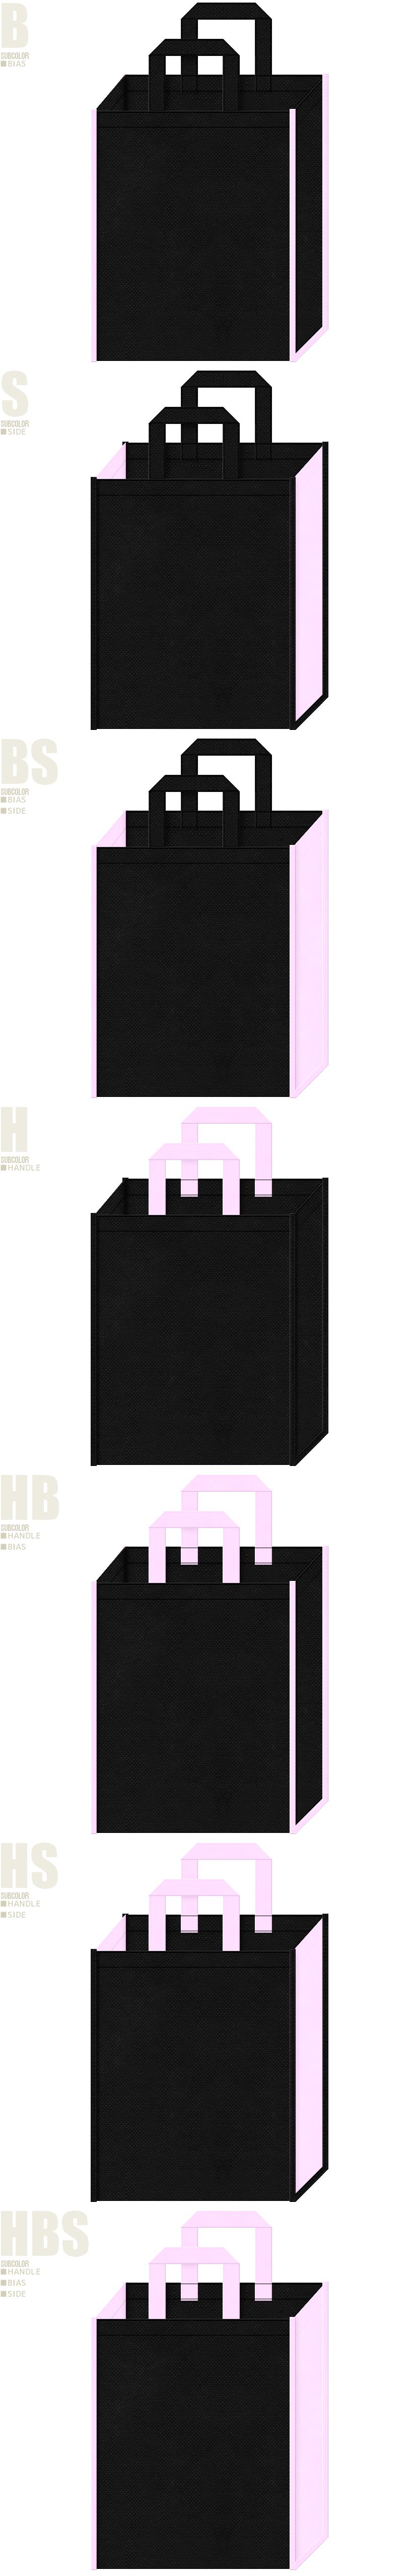 ゴスロリ・猫・フラミンゴ・バタフライ・占い・魔女・魔法使い・ウィッグ・コスプレイベント・ユニフォーム・運動靴・アウトドア・スポーツイベント・スポーティーファッション・スポーツ用品の展示会用バッグにお奨めの不織布バッグデザイン:黒色と明るいピンク色の配色7パターン